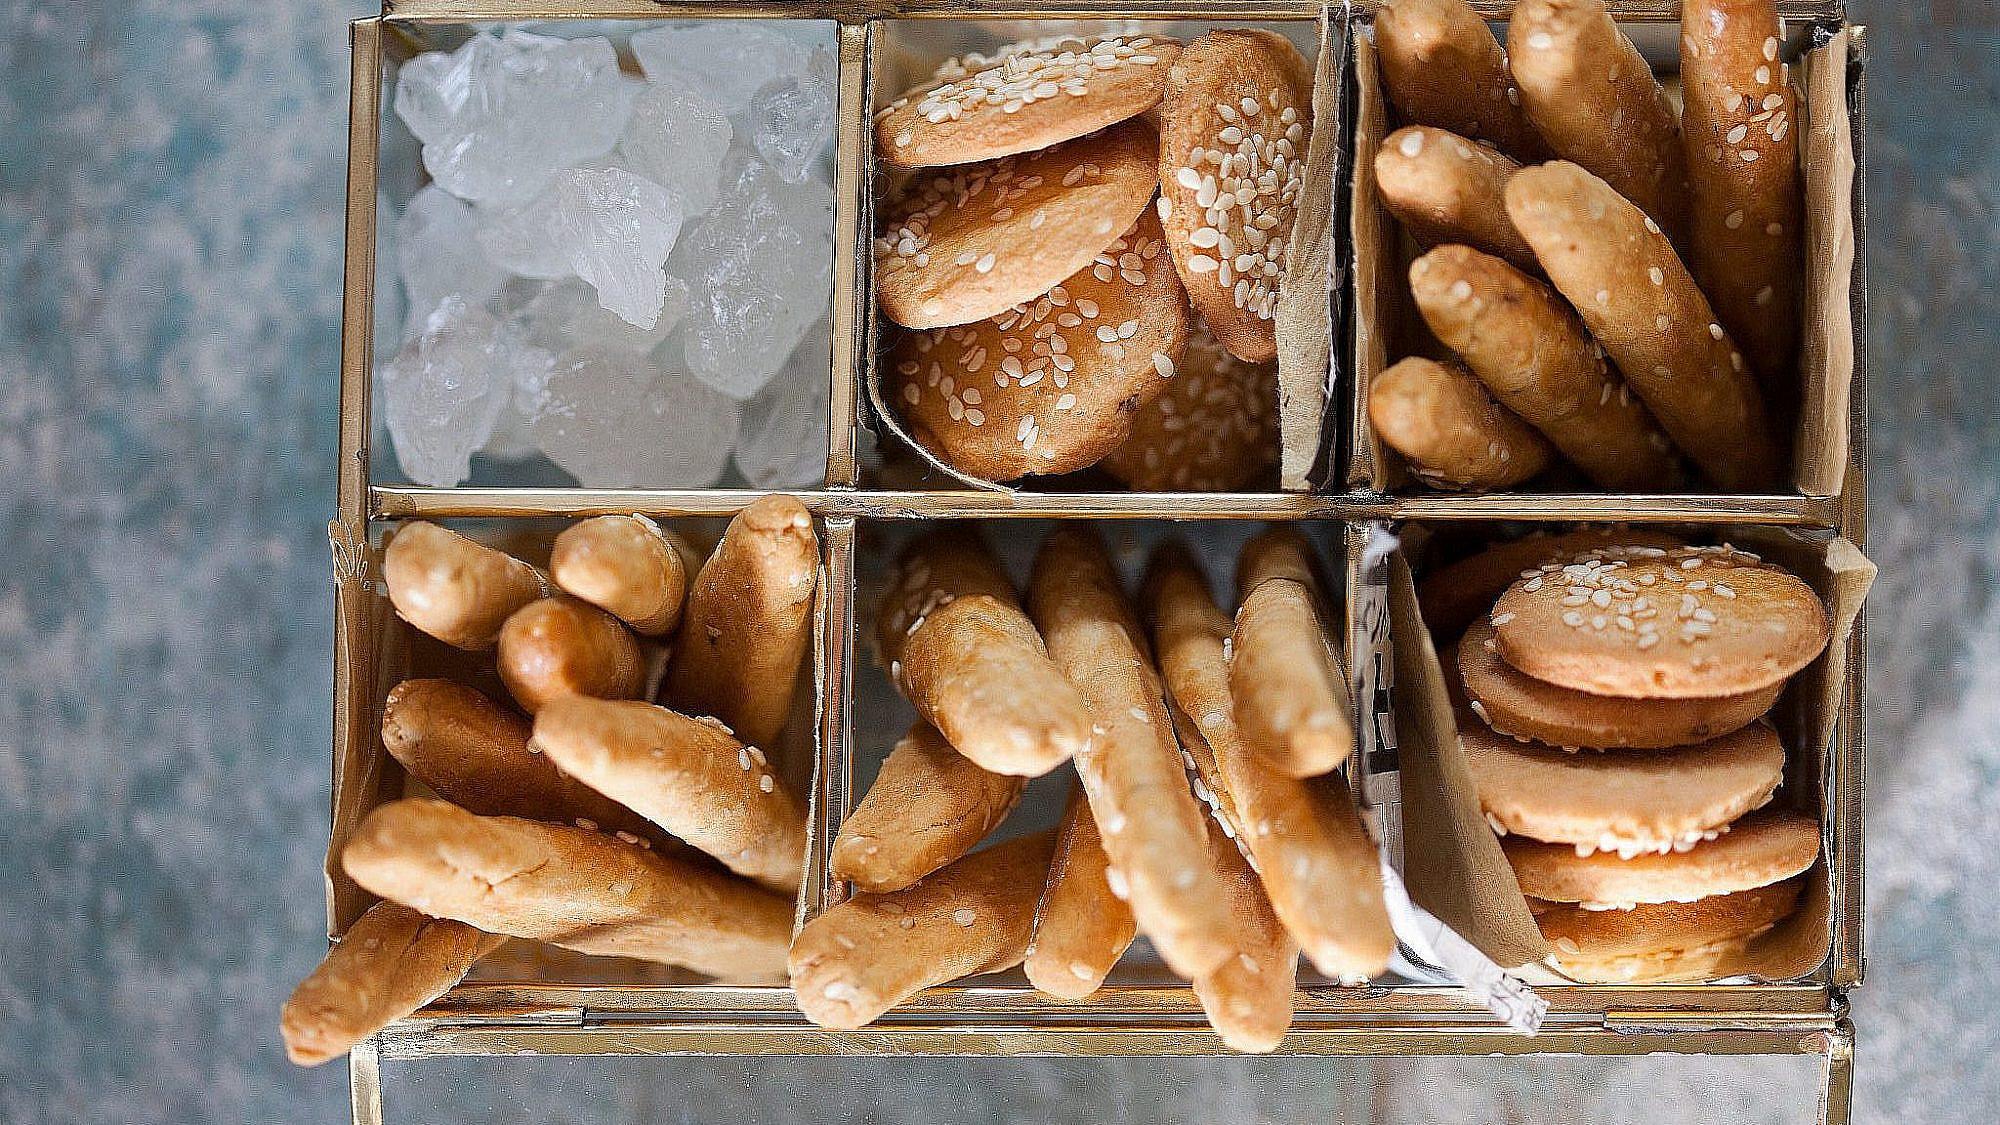 עוגיות מכונה של מיקי שמו. צילום: דניאל לילה; סטיילנג: עמית פרבר